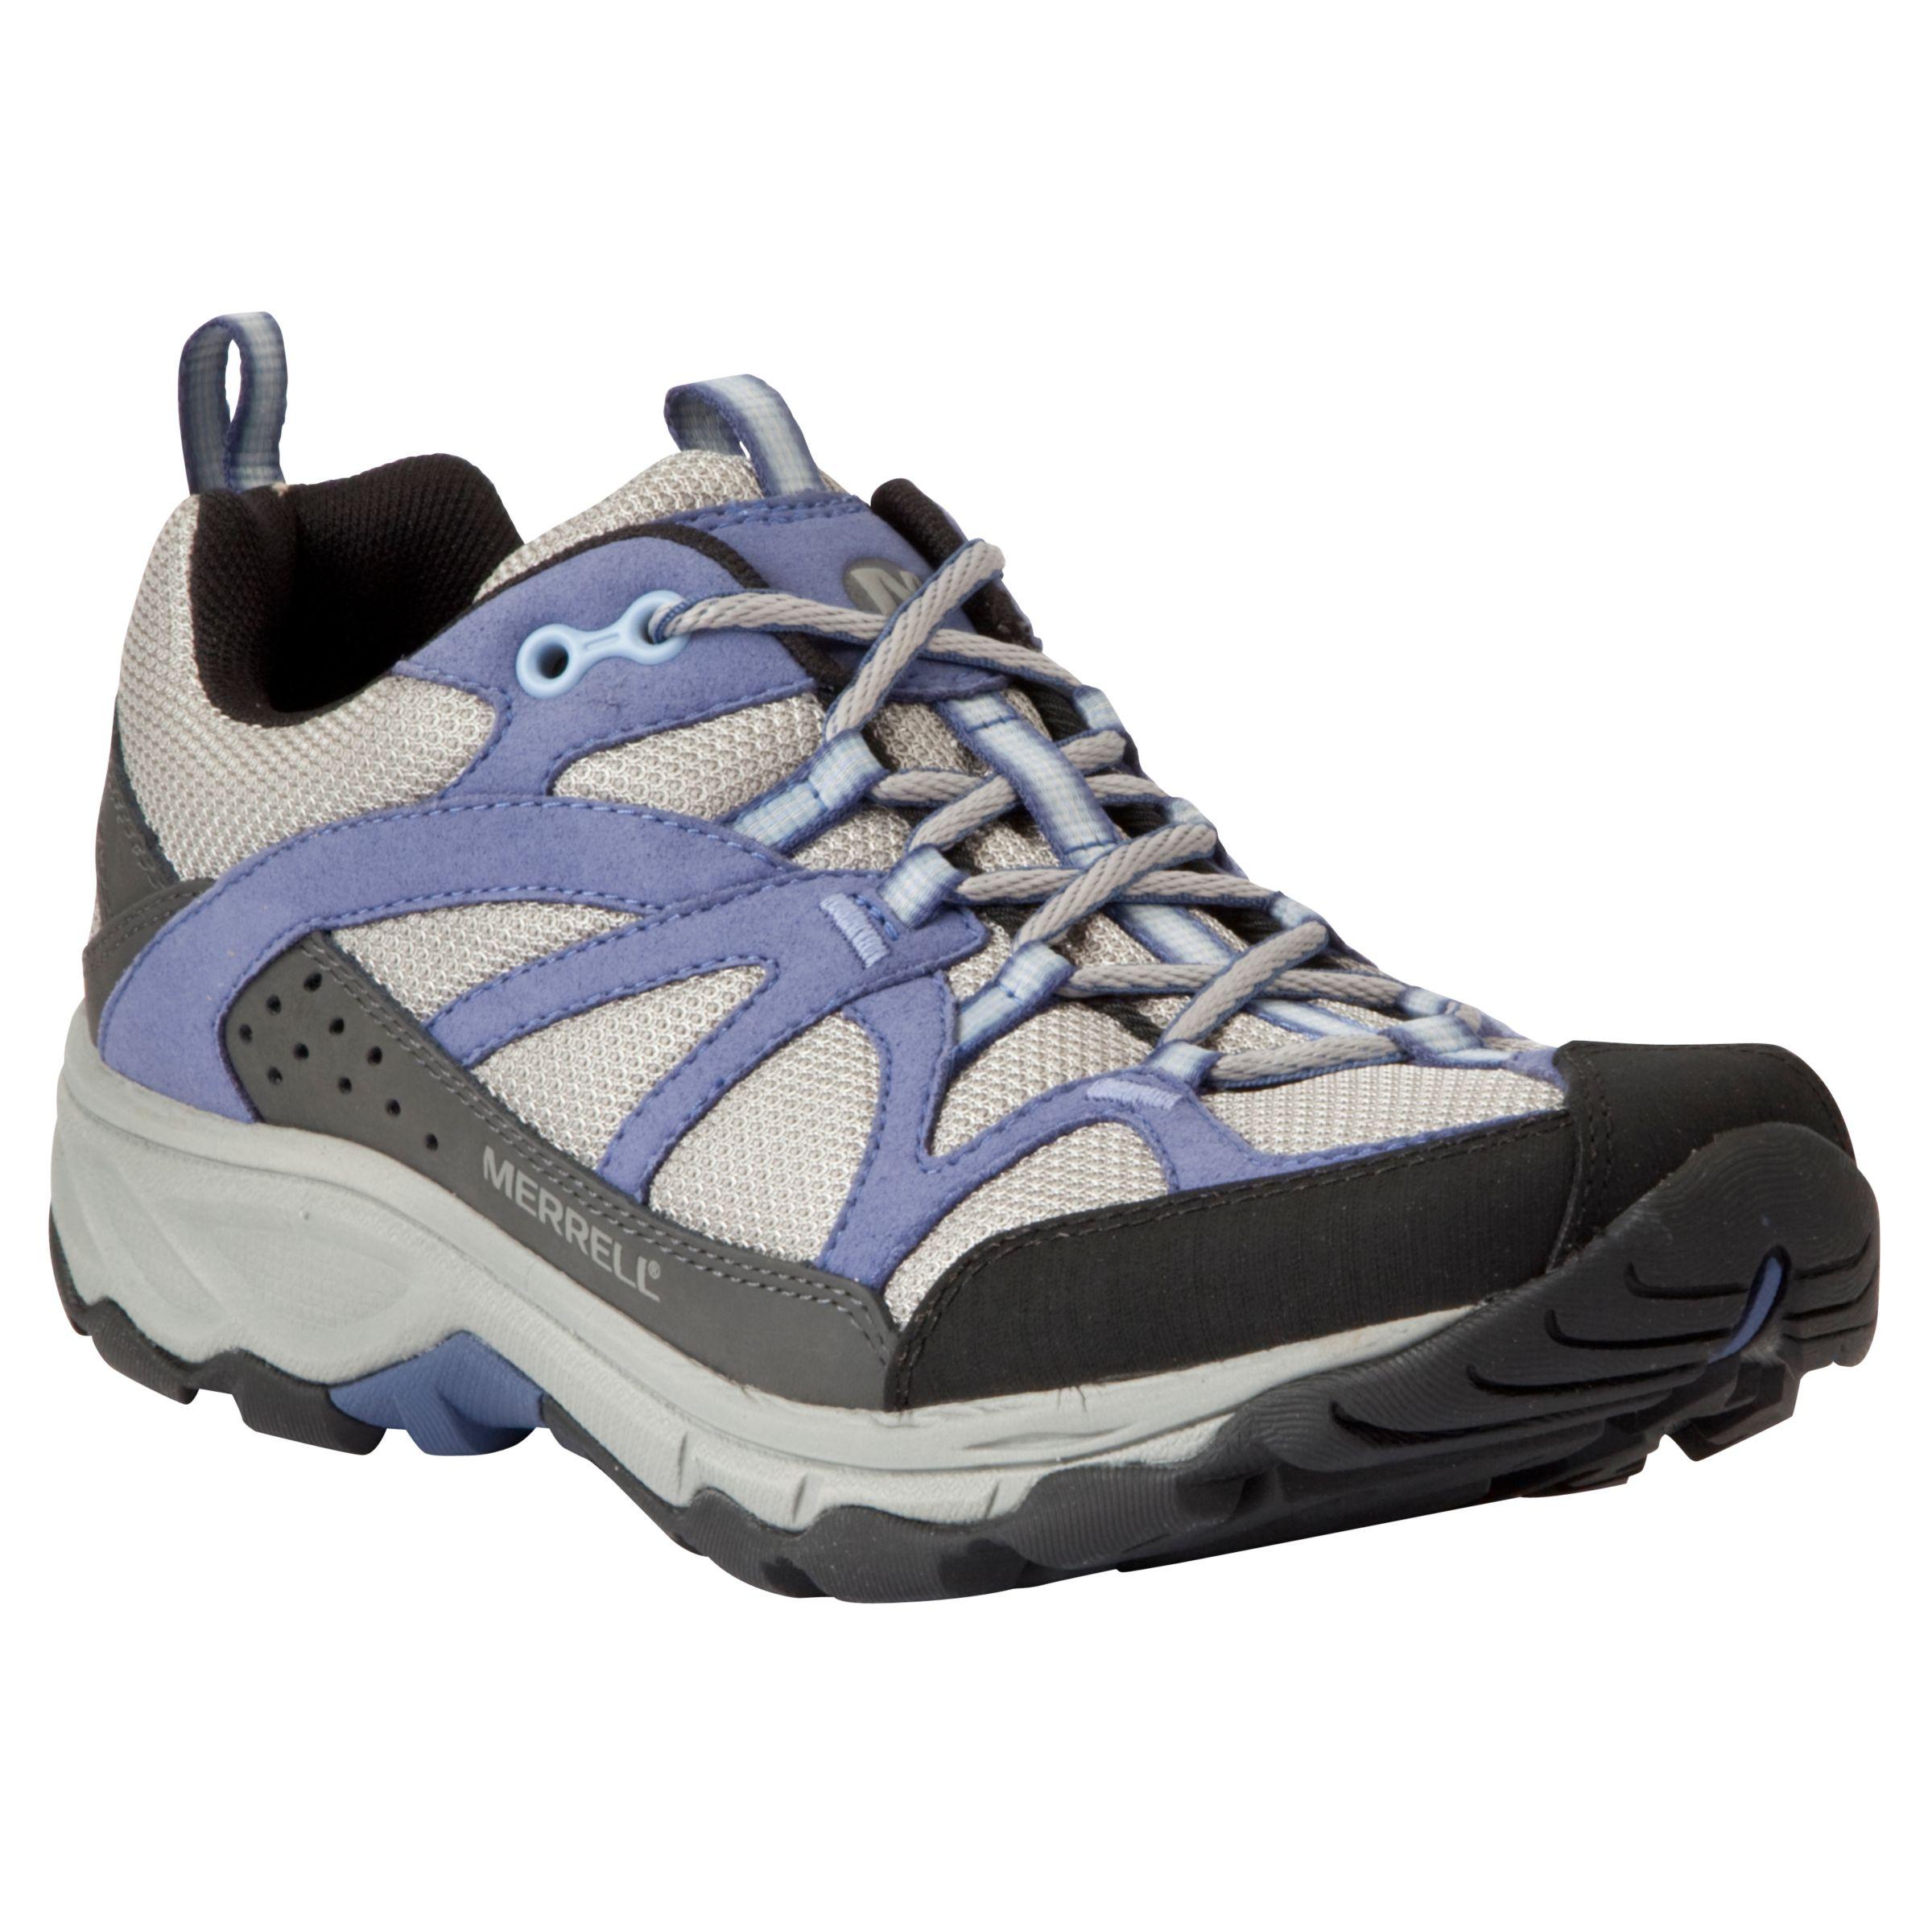 best merrell walking shoes prices in s sportswear